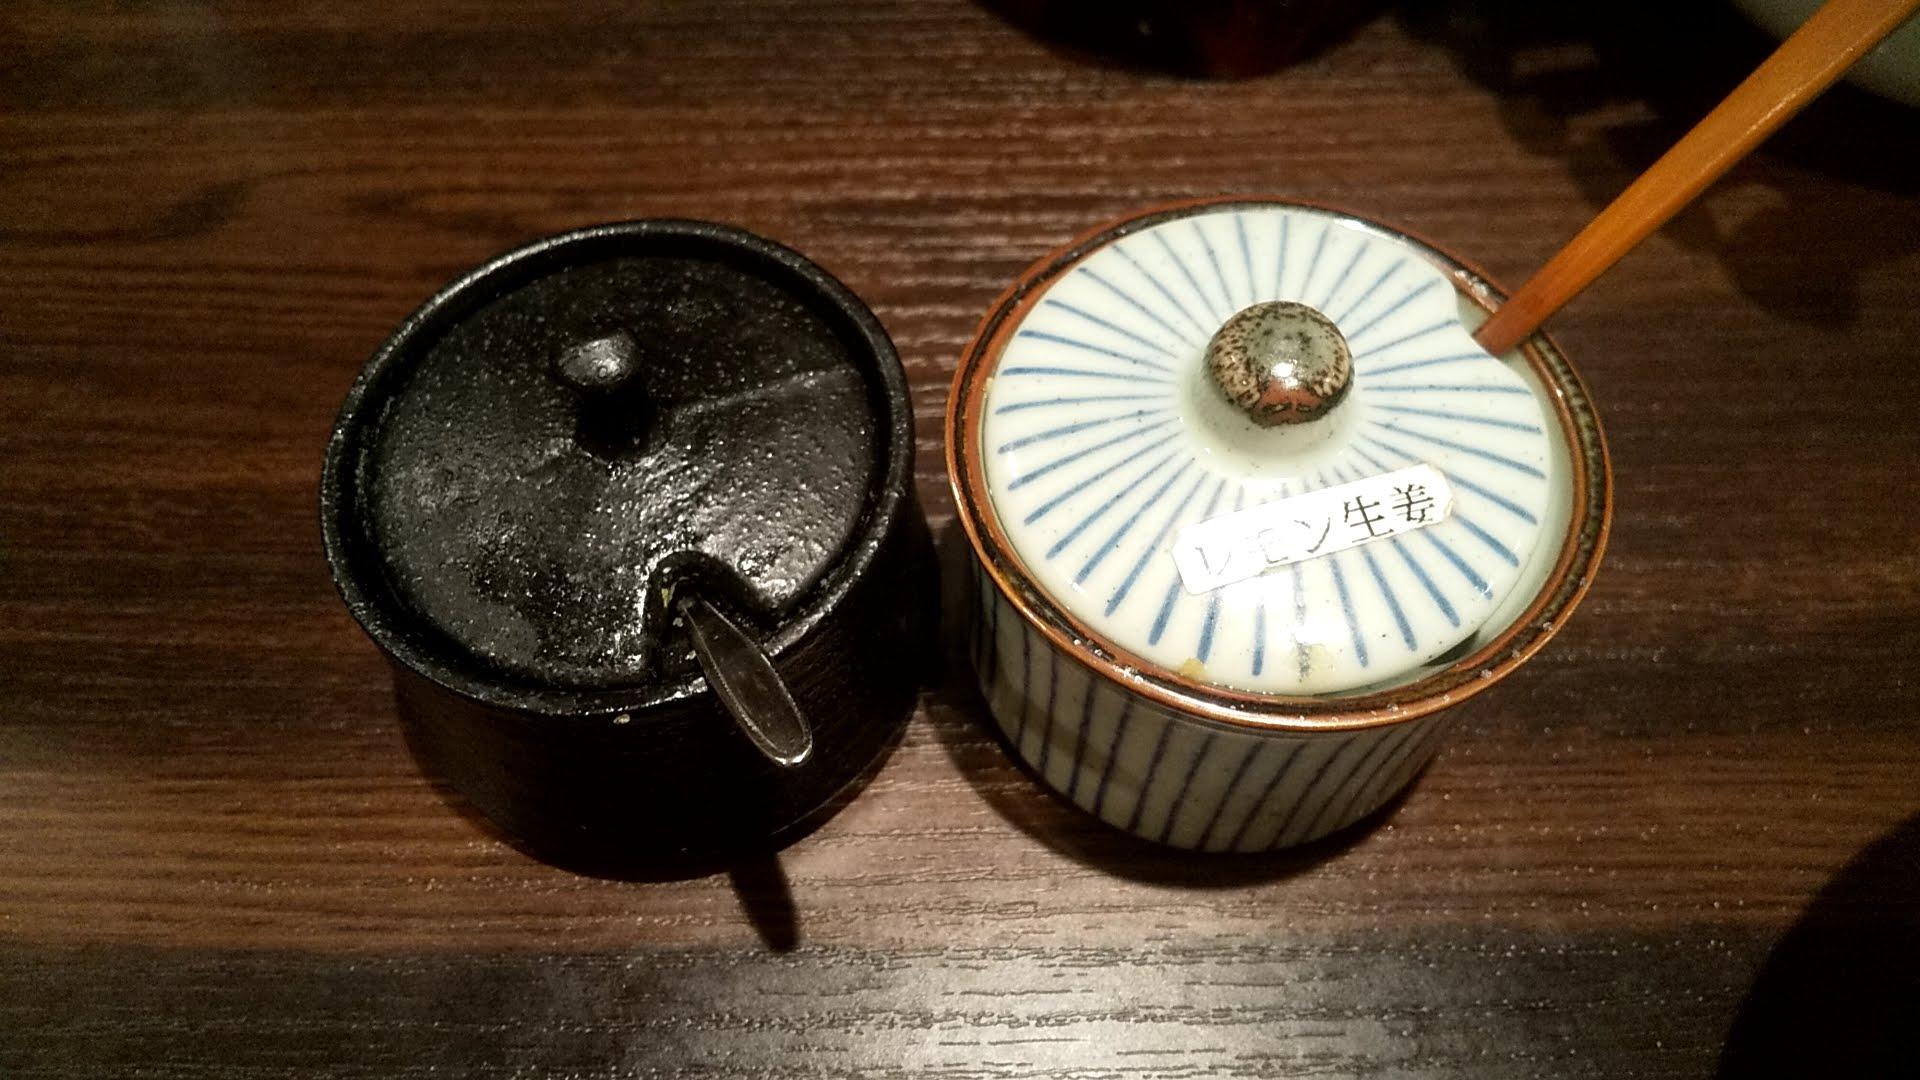 藤しろ三軒茶屋店の卓上調味料